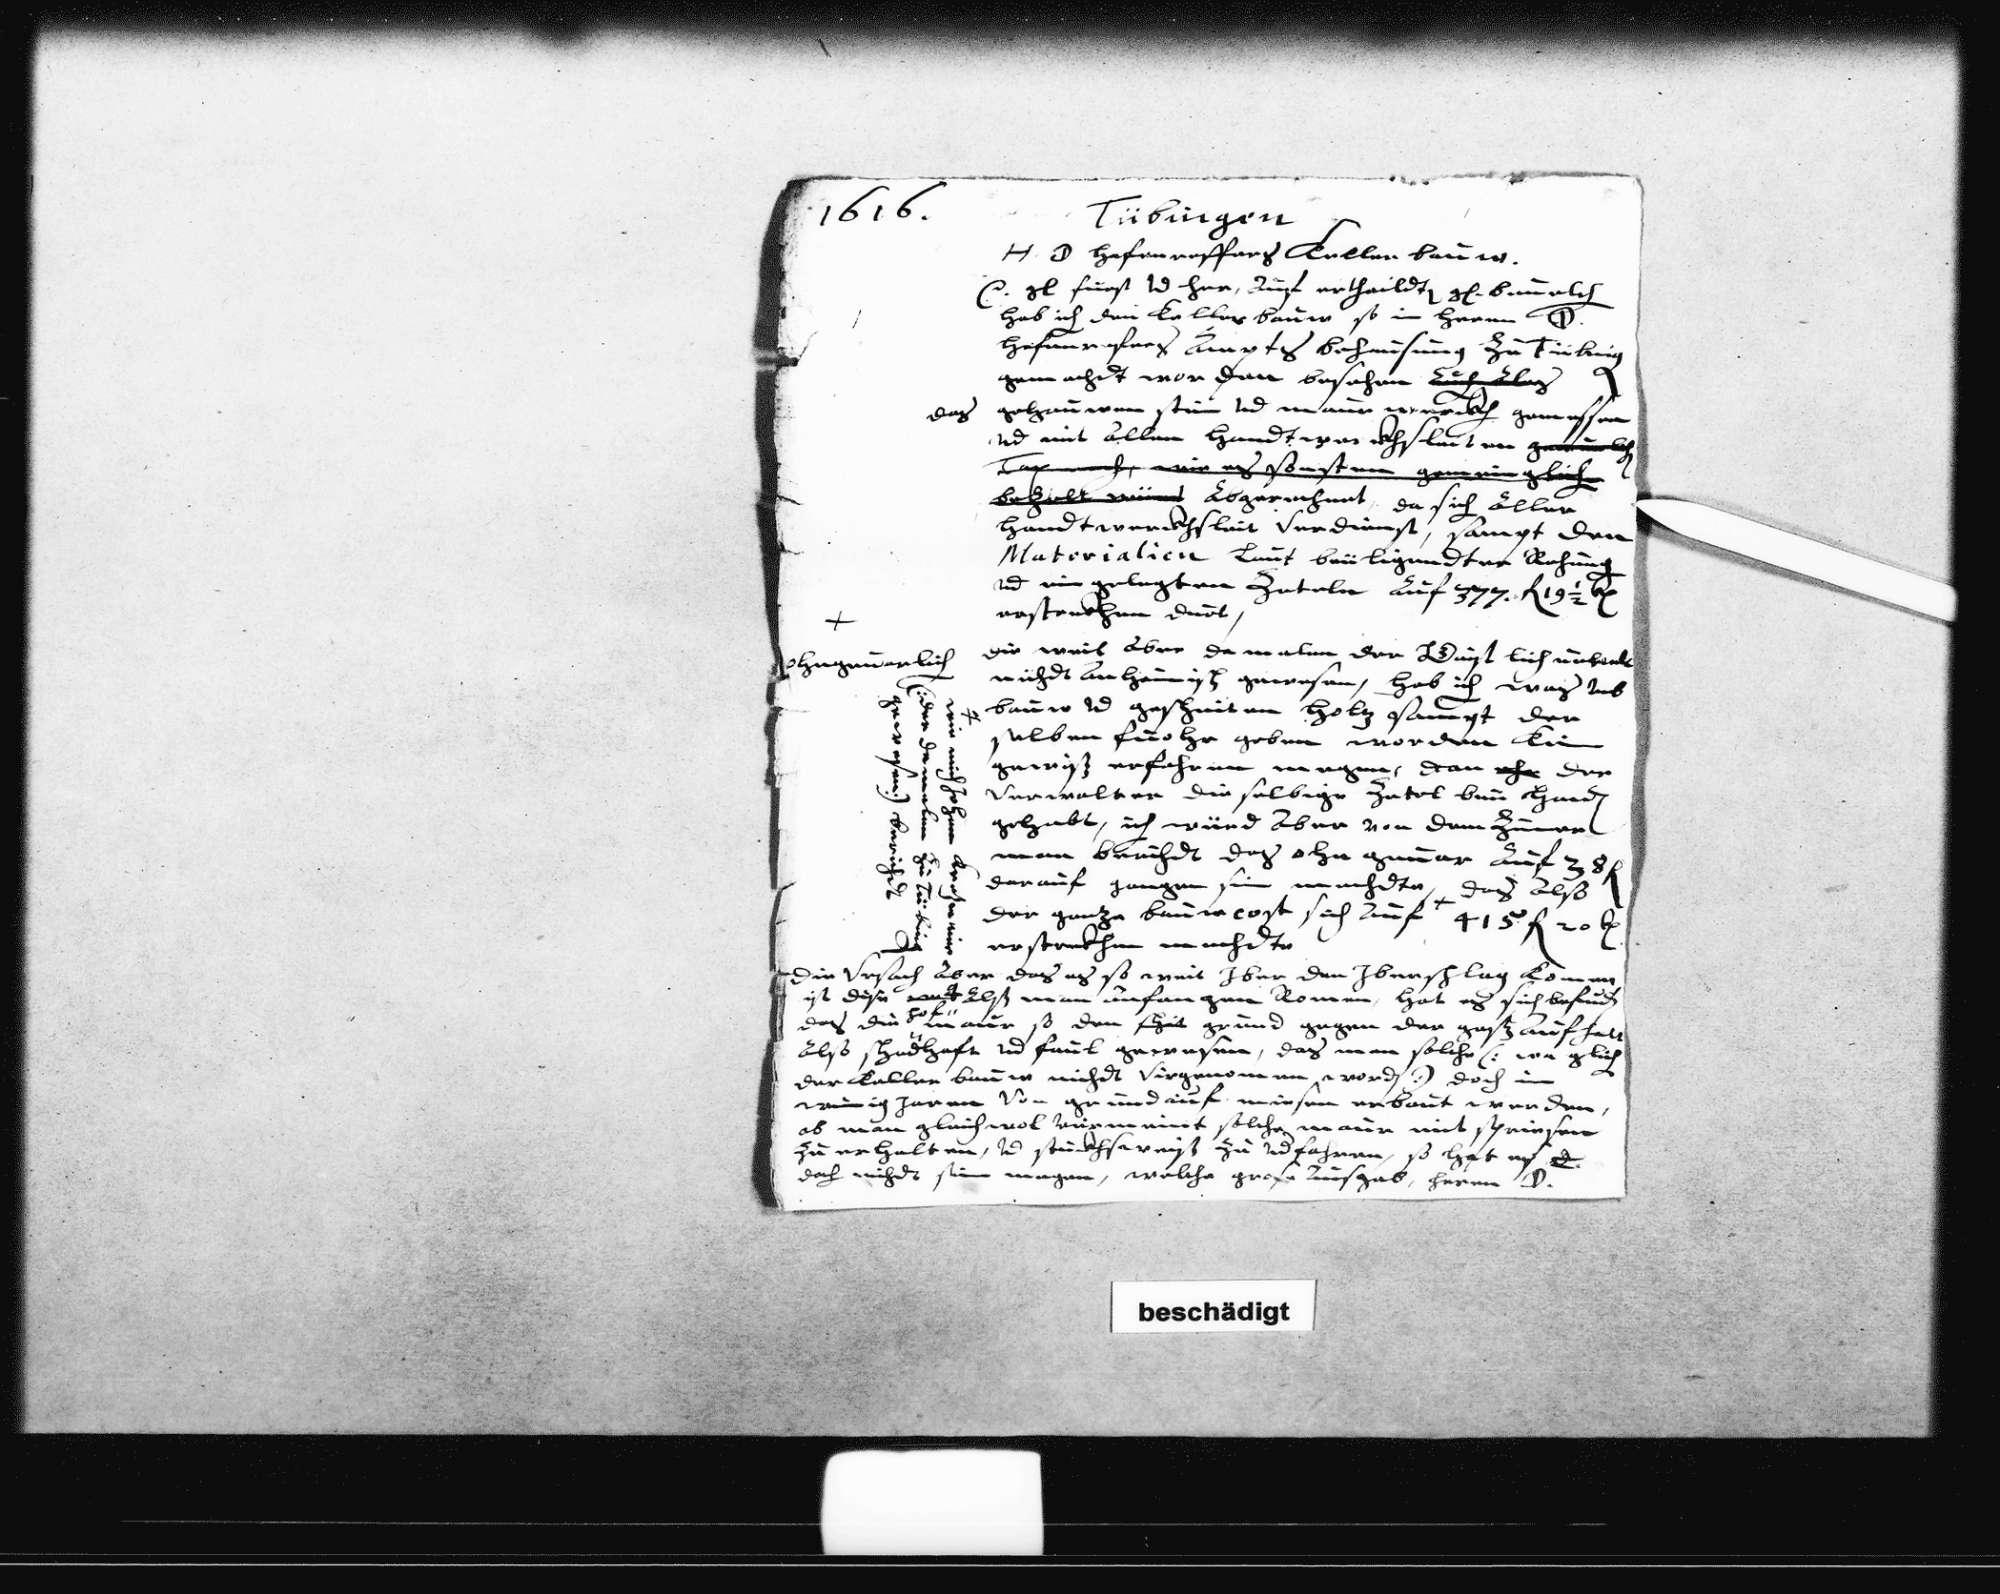 Entwurf eines Schreibens Schickhardts an den Herzog, 1616 (Folio); Schreiben Marx Besserers, Geistlicher Verwalter in Tübingen, zu den Arbeiten und der Bezahlung, 11. April 1616 (Folio); beiliegend eine Aufstellung zu den Arbeiten an einem Dach in Tübingen (Quart), Bild 1